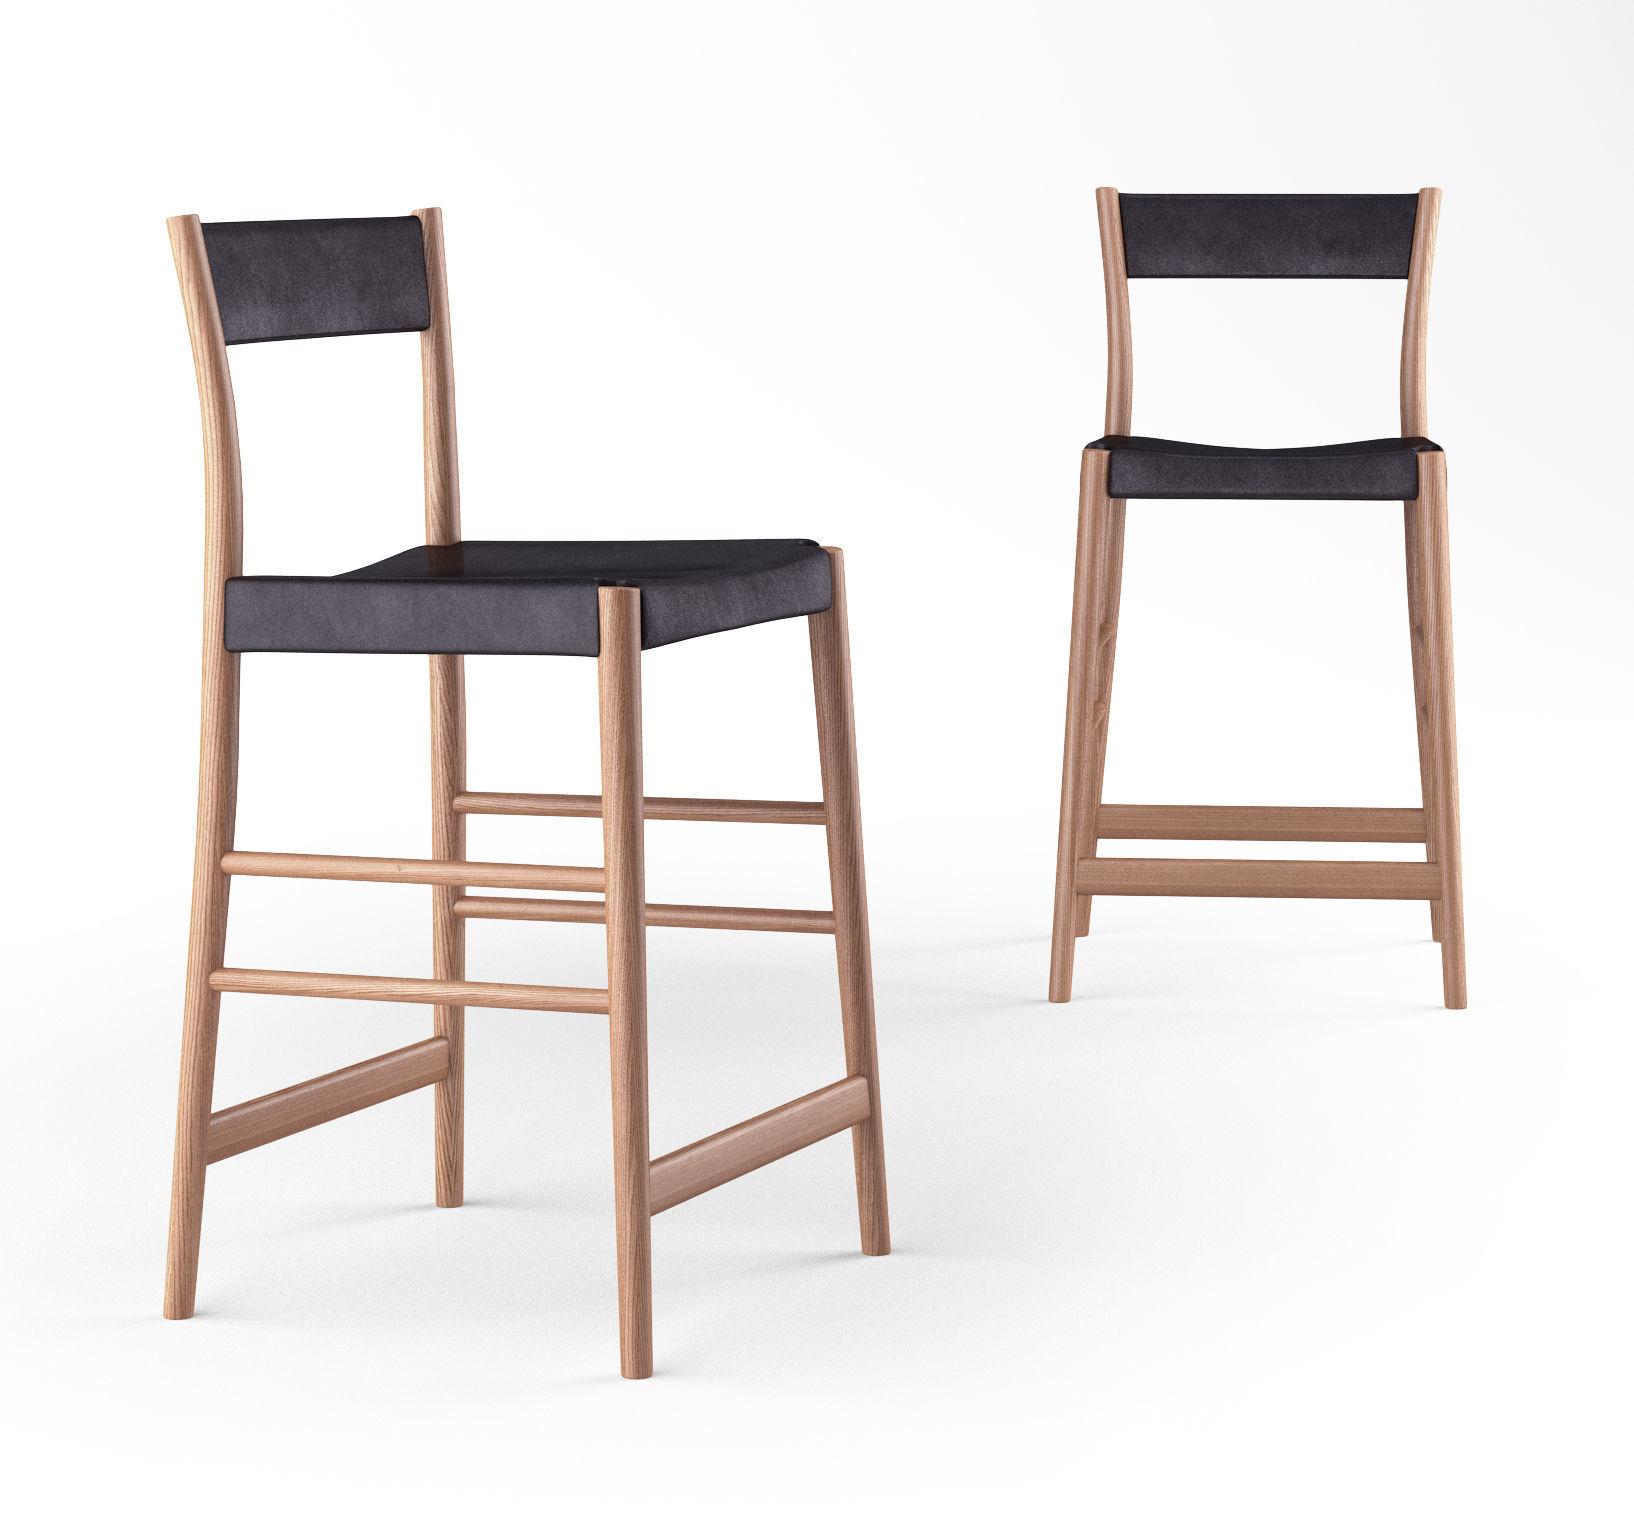 Enjoyable Pinch Avery Bar Stool Upholstered 3D Model Uwap Interior Chair Design Uwaporg